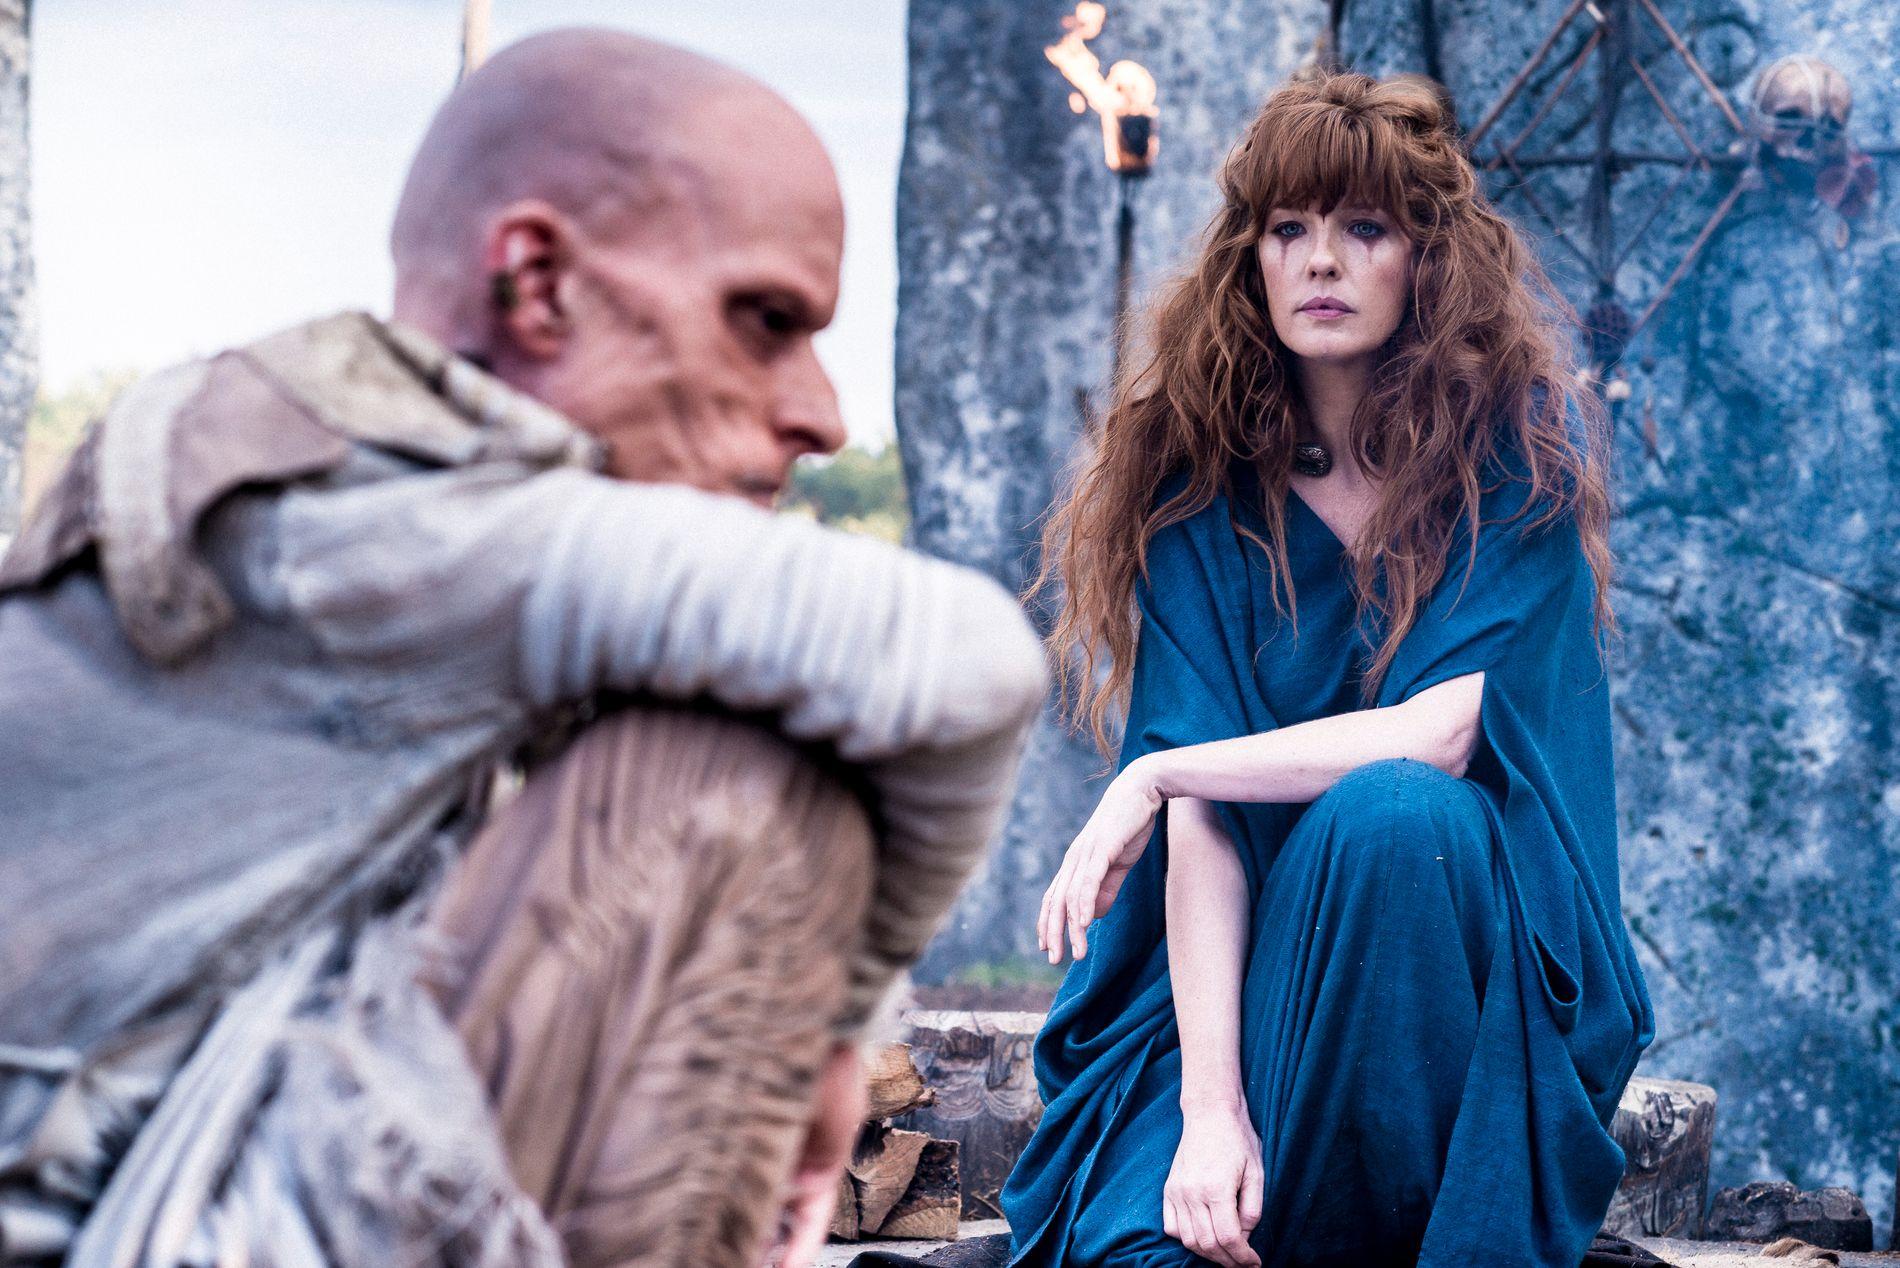 NY HISTORISK SERIE: Mackenzie Crook som Veran og Kelly Reilly som Kerra i «Britannia» som ta rfor seg den romerske invasjonen av de britiske øyer. Foto: Stanislav Honzik/ Sky / HBO